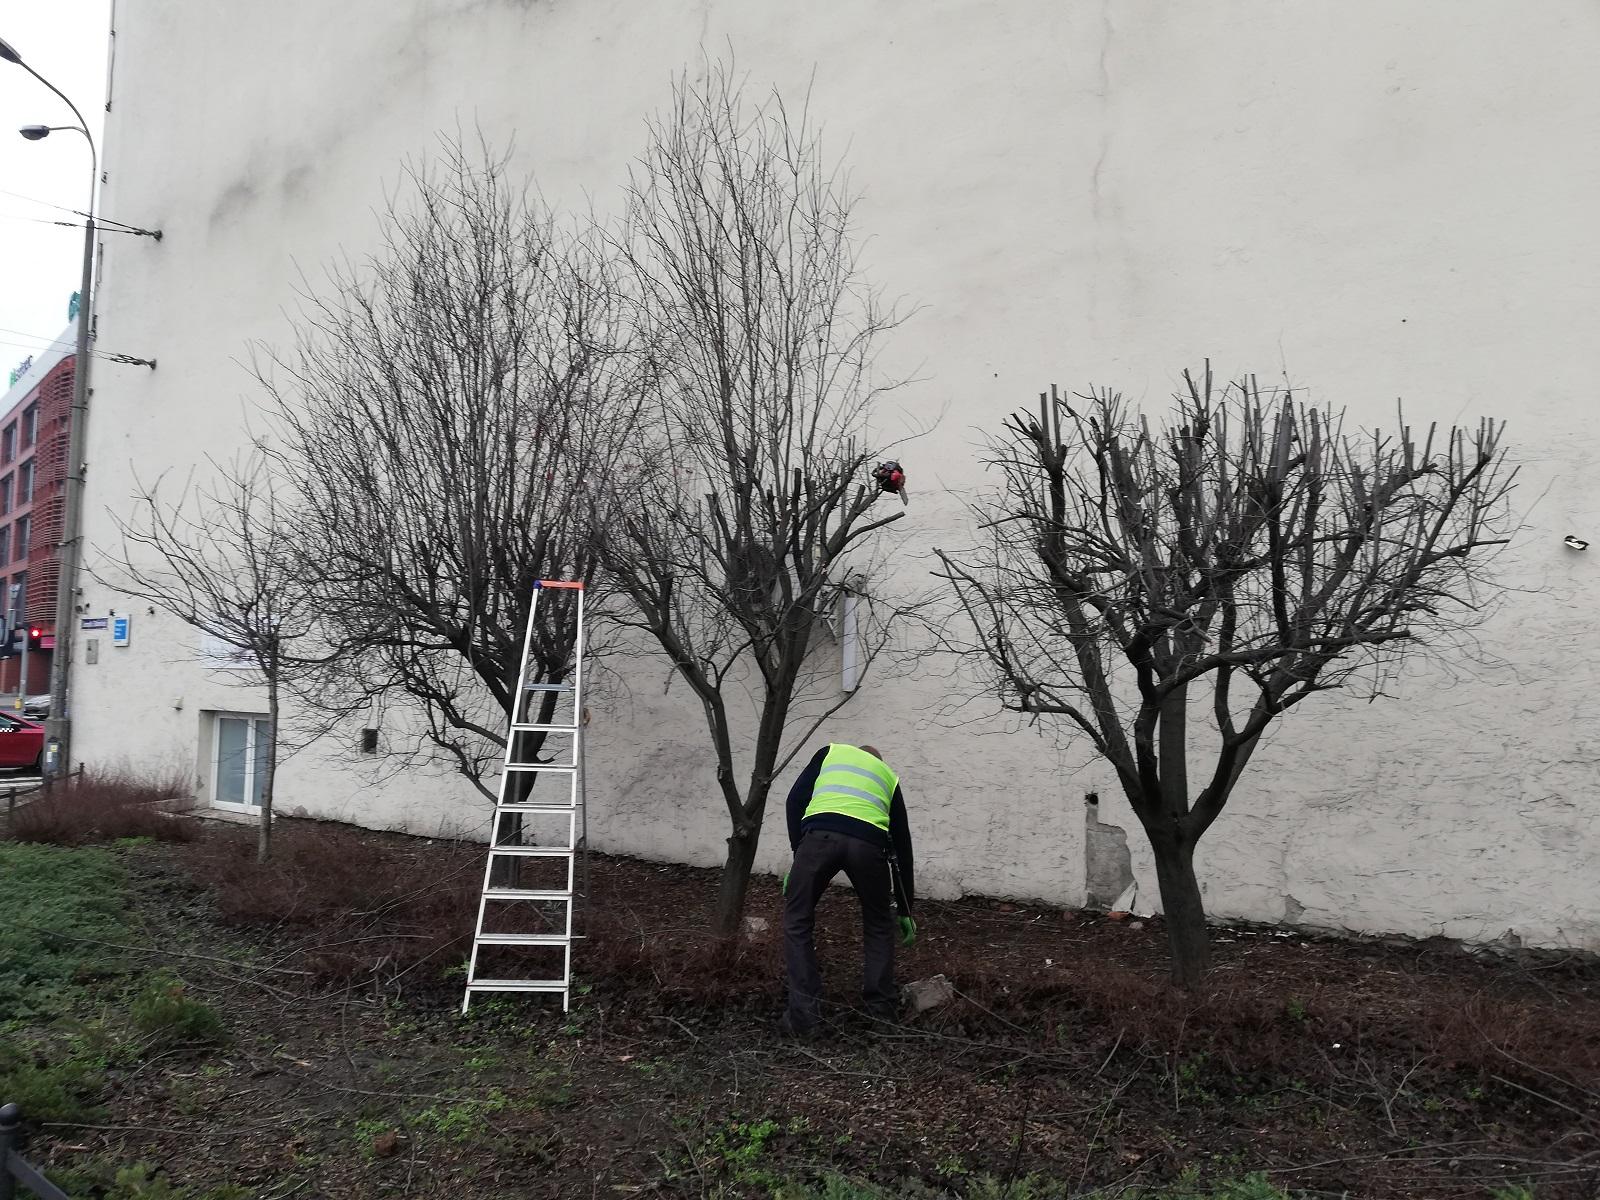 estkowskiego drzewa przycinka - Tomasz Dworek